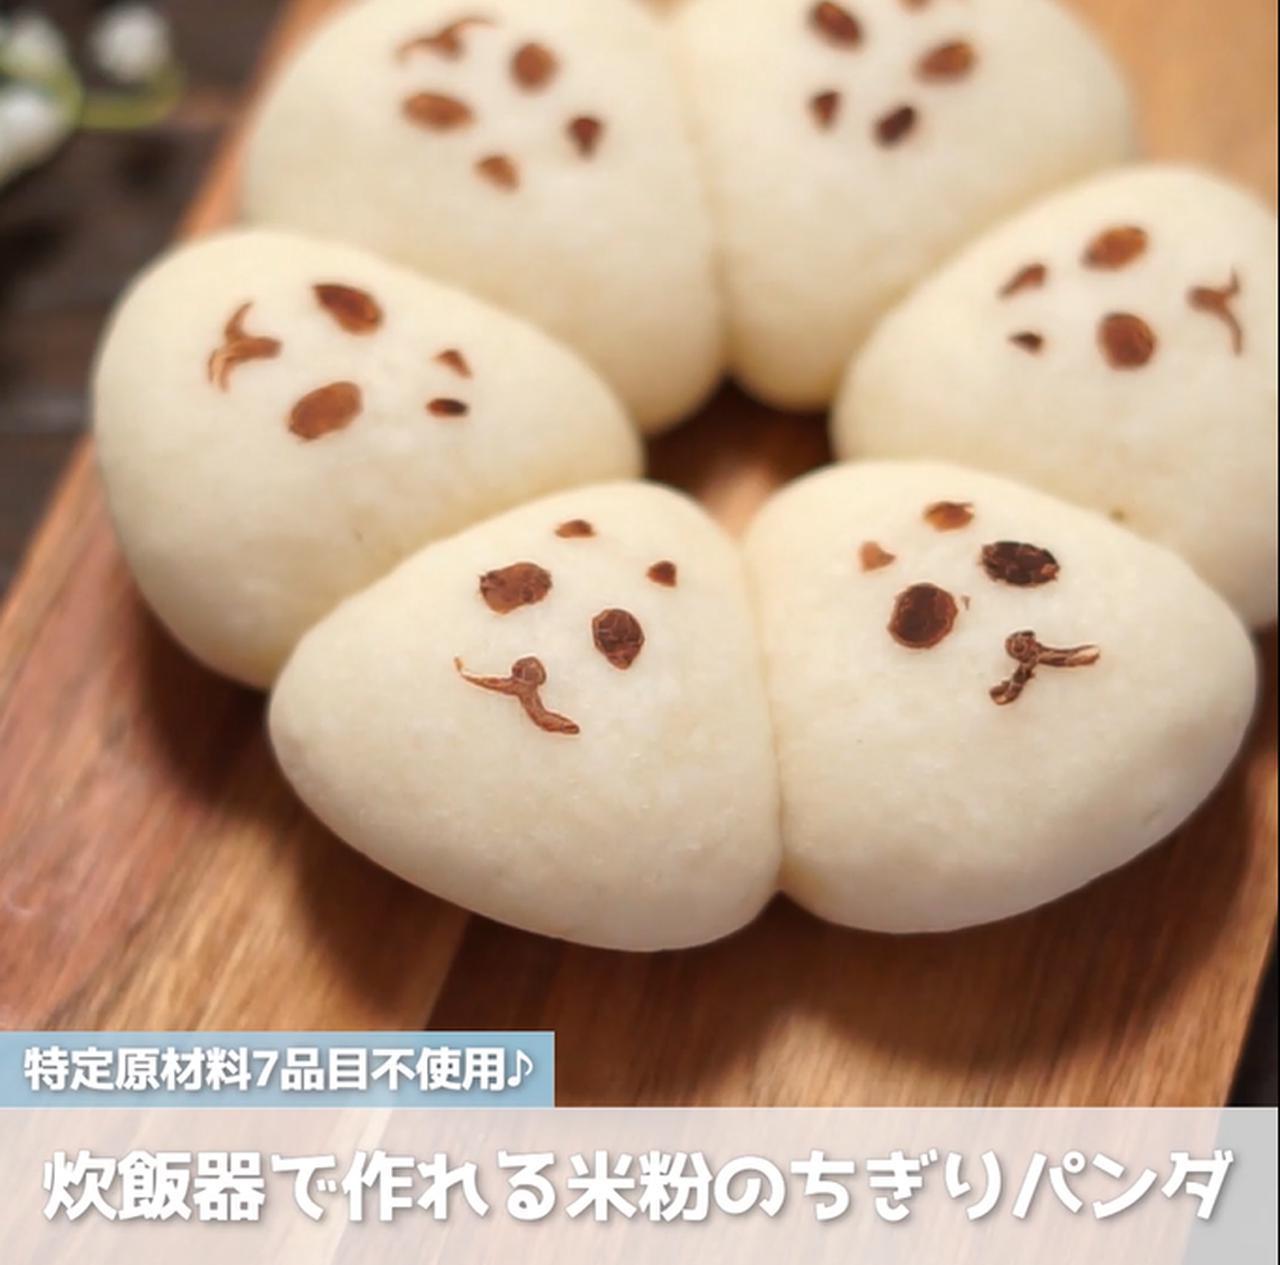 画像: シンプル素材で、オーブン不要‼炊飯器でできる⁉パンダさんがカワイイ 米粉のちぎりパンダ - 君とごはん